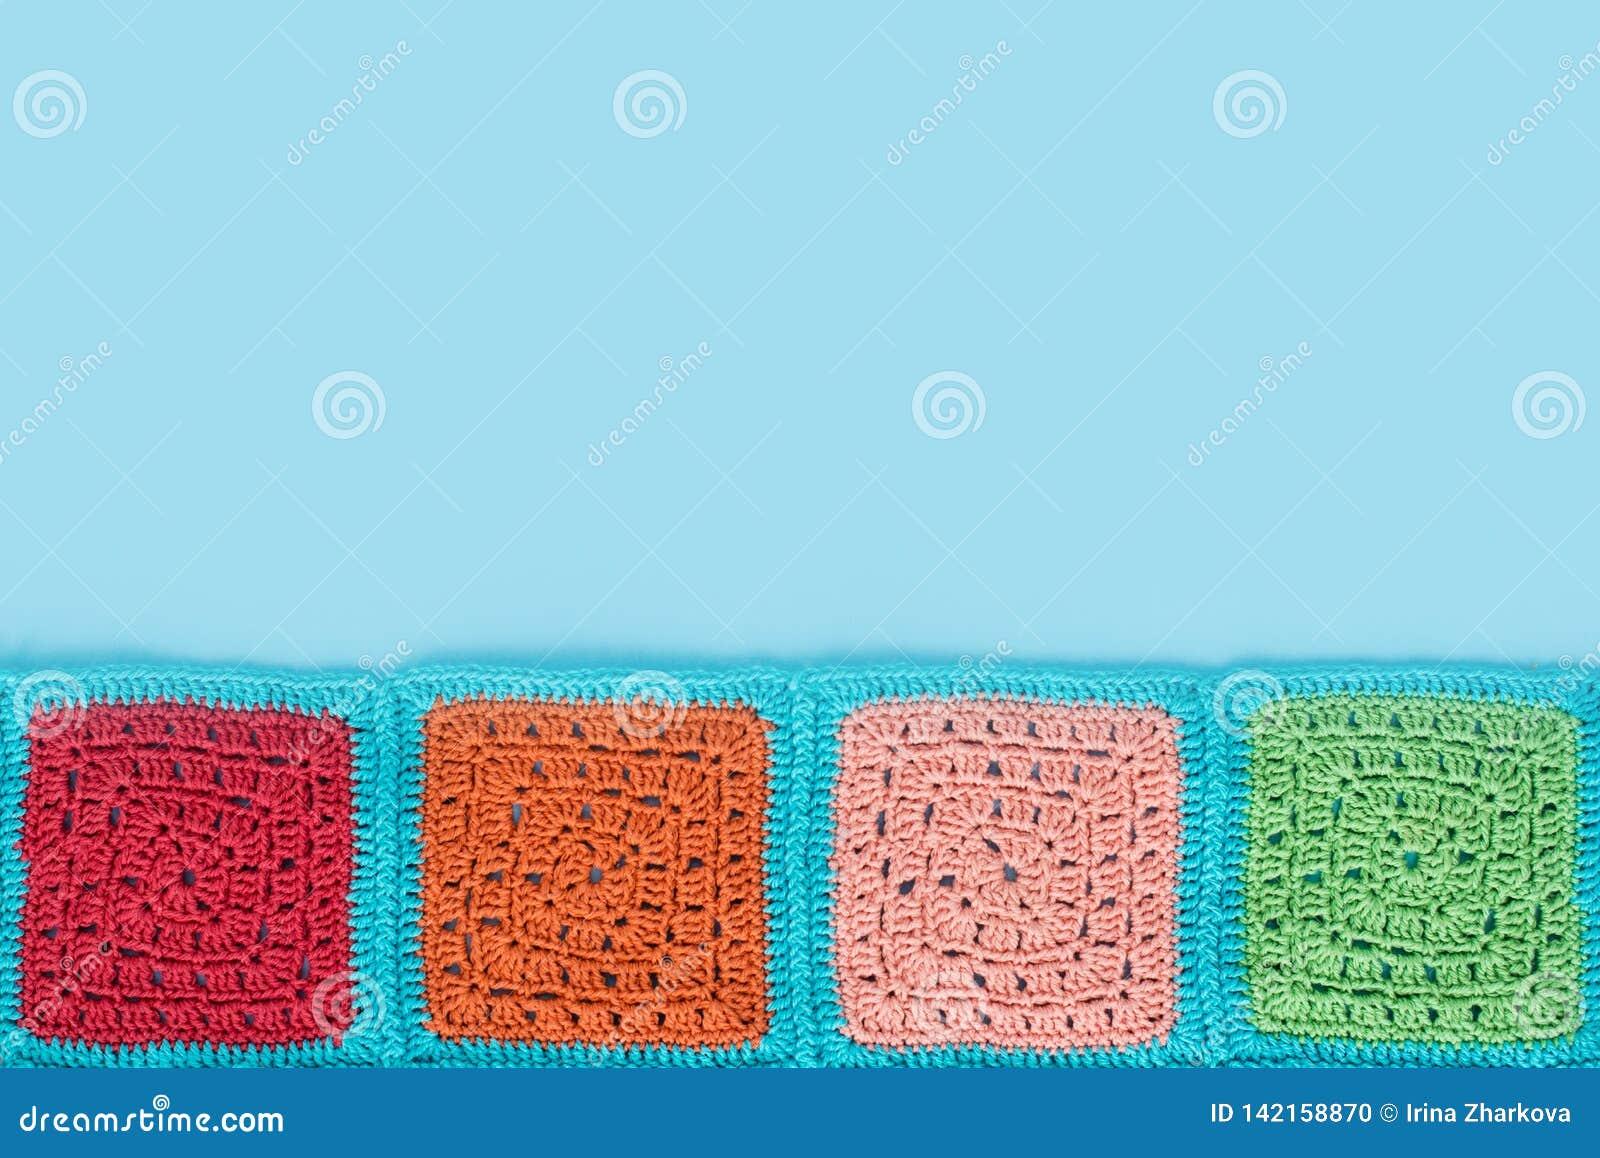 多彩多姿的正方形被钩编编织物的鞋带桌布在蓝色背景,顶视图,文本的,自然羊毛地方装饰